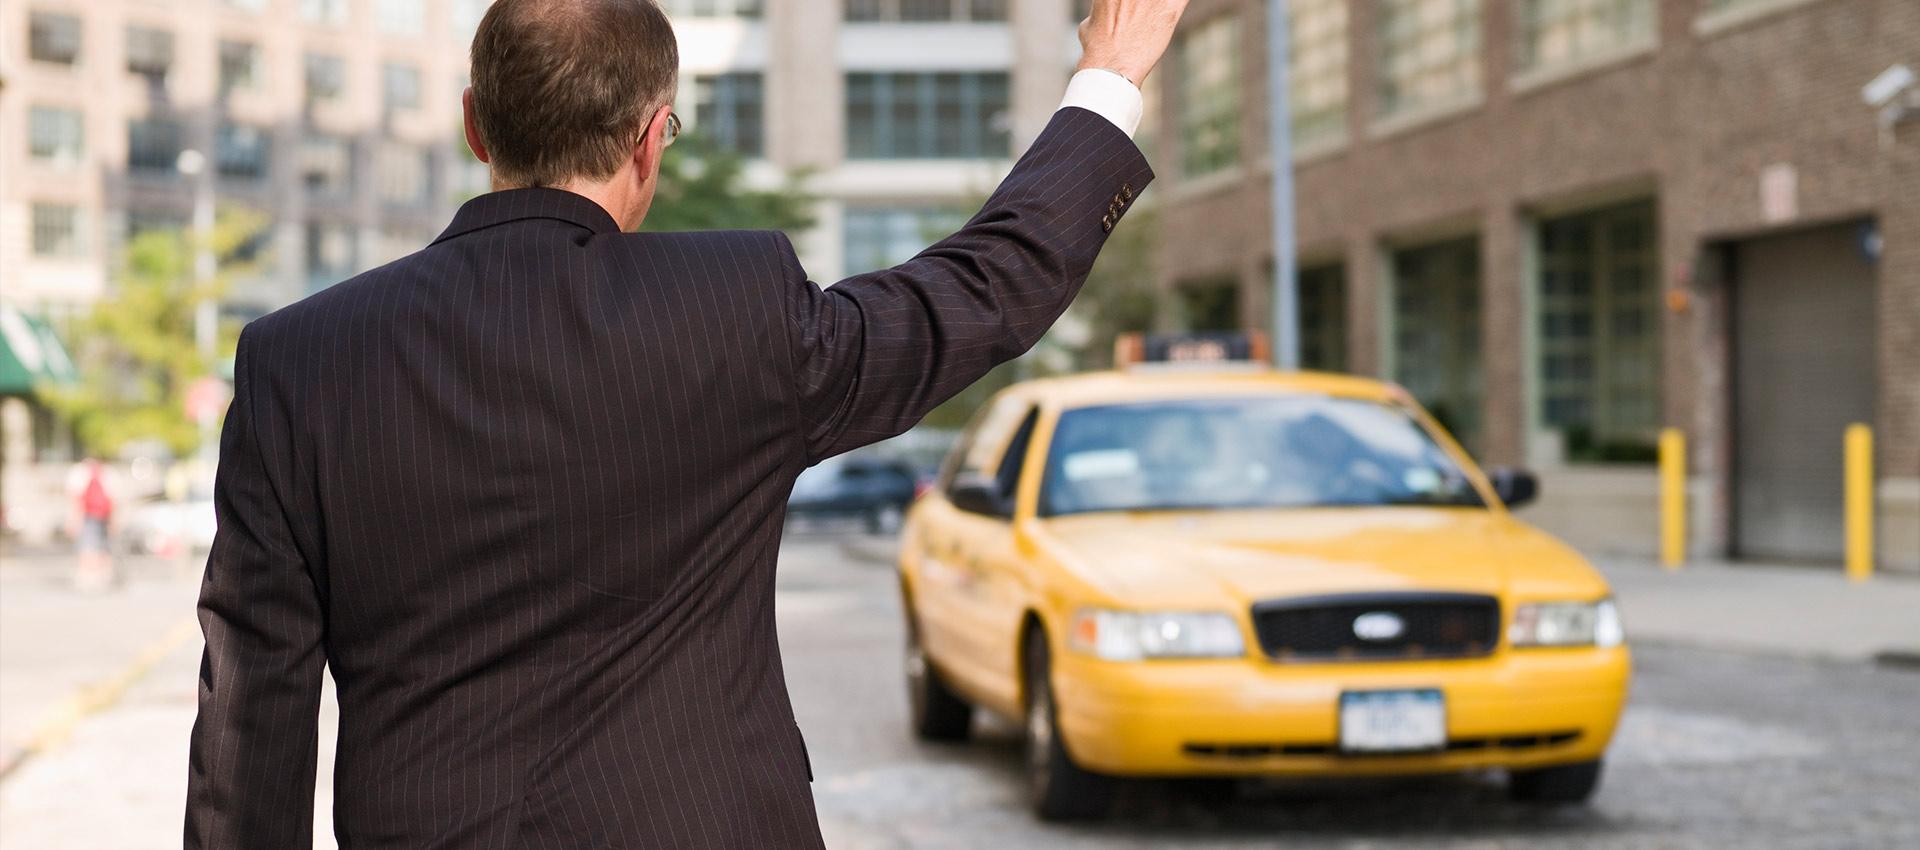 Рынок такси ждут перемены: новый закон будет регулировать перевозки